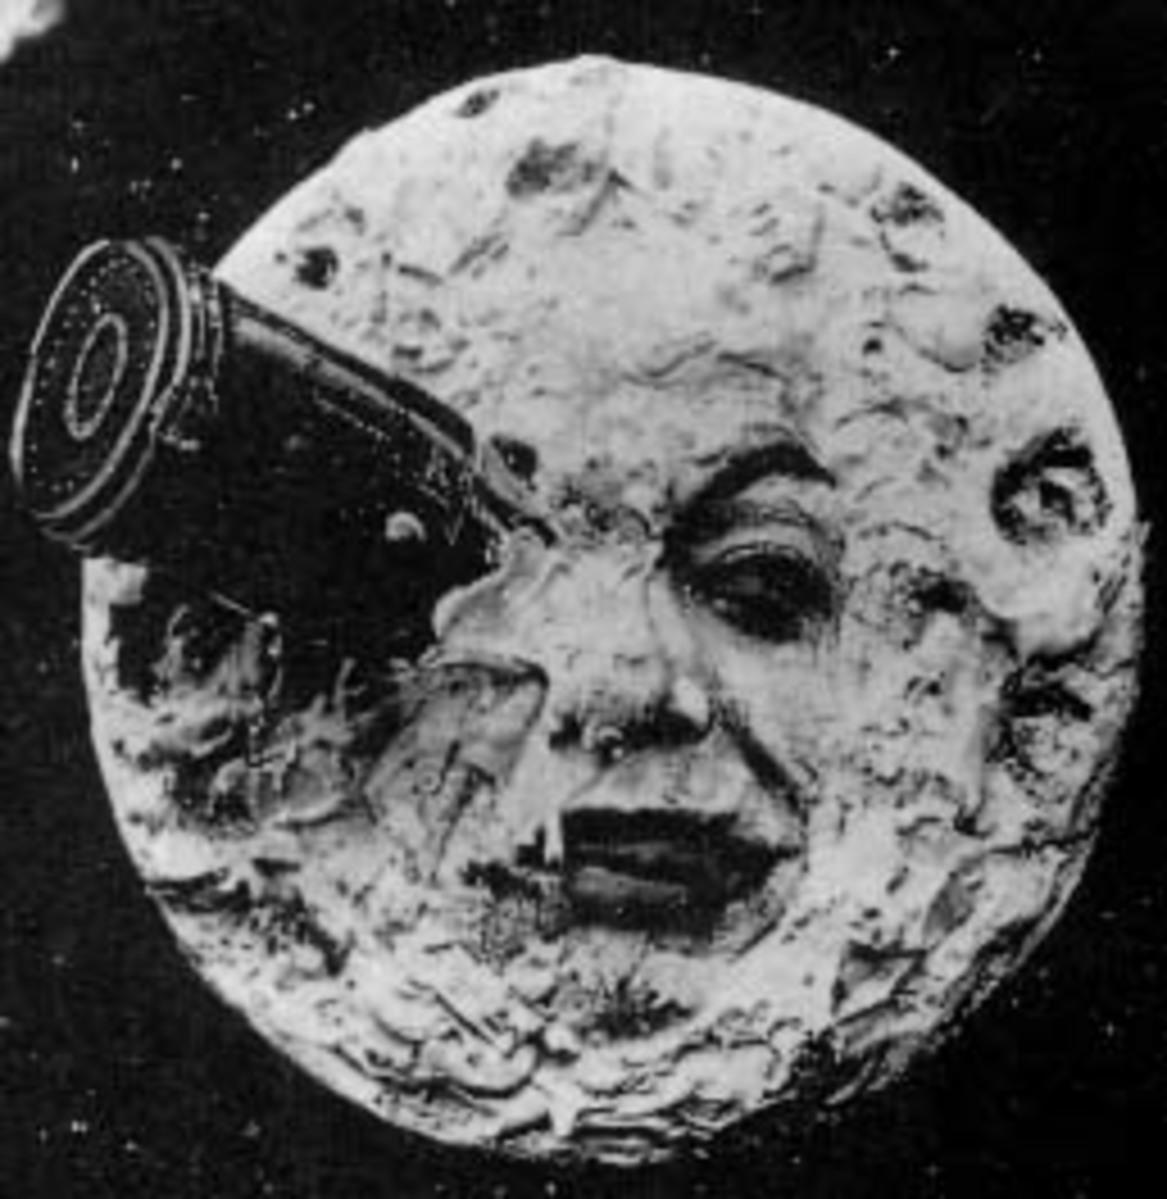 Iconic scene from Le Voyage dans la Lune (image: public domain).